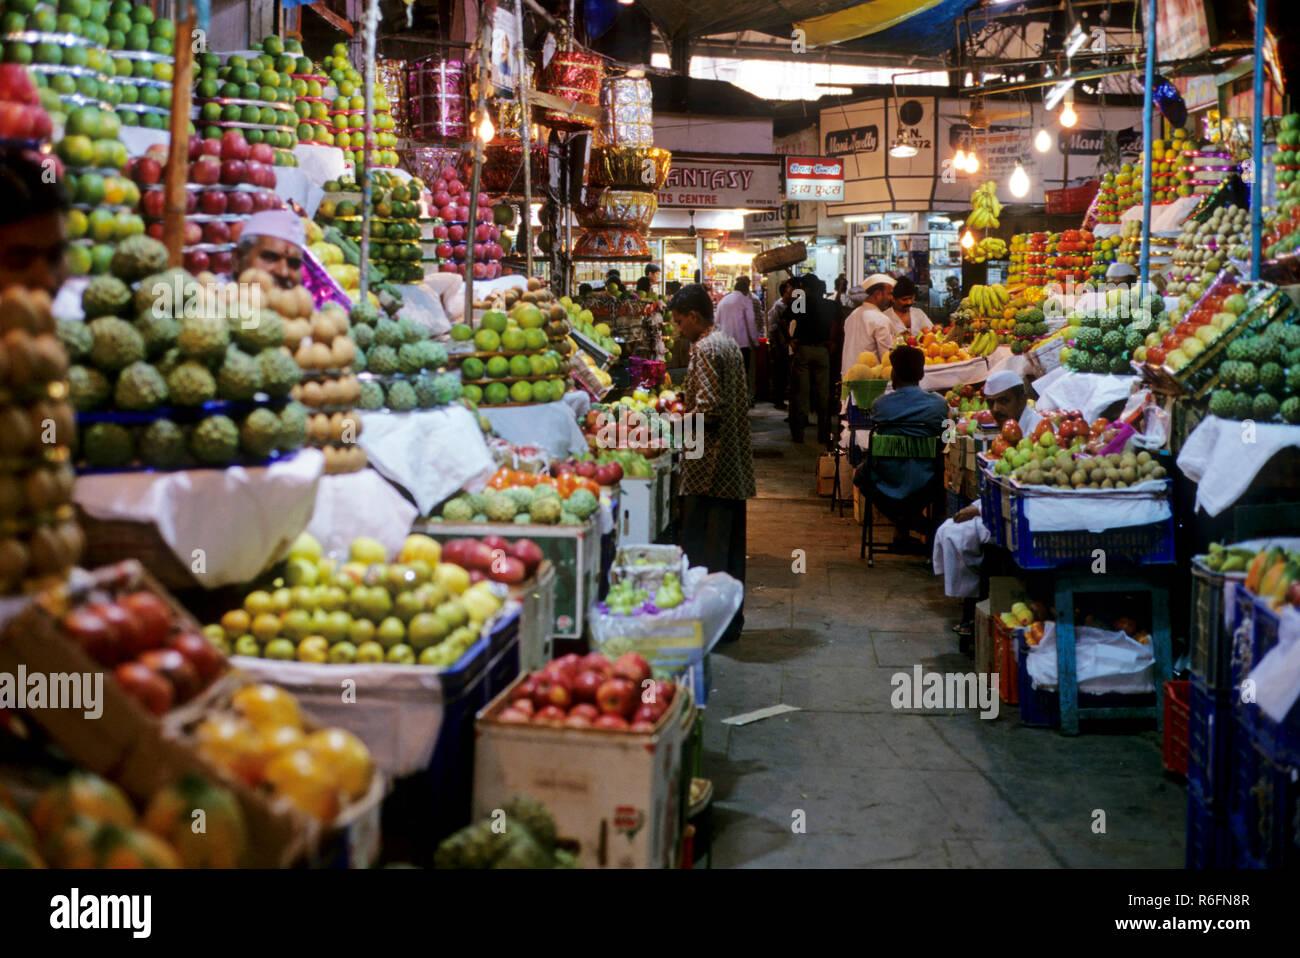 Fruit stall at crawford market, bombay mumbai, maharashtra, india - Stock Image